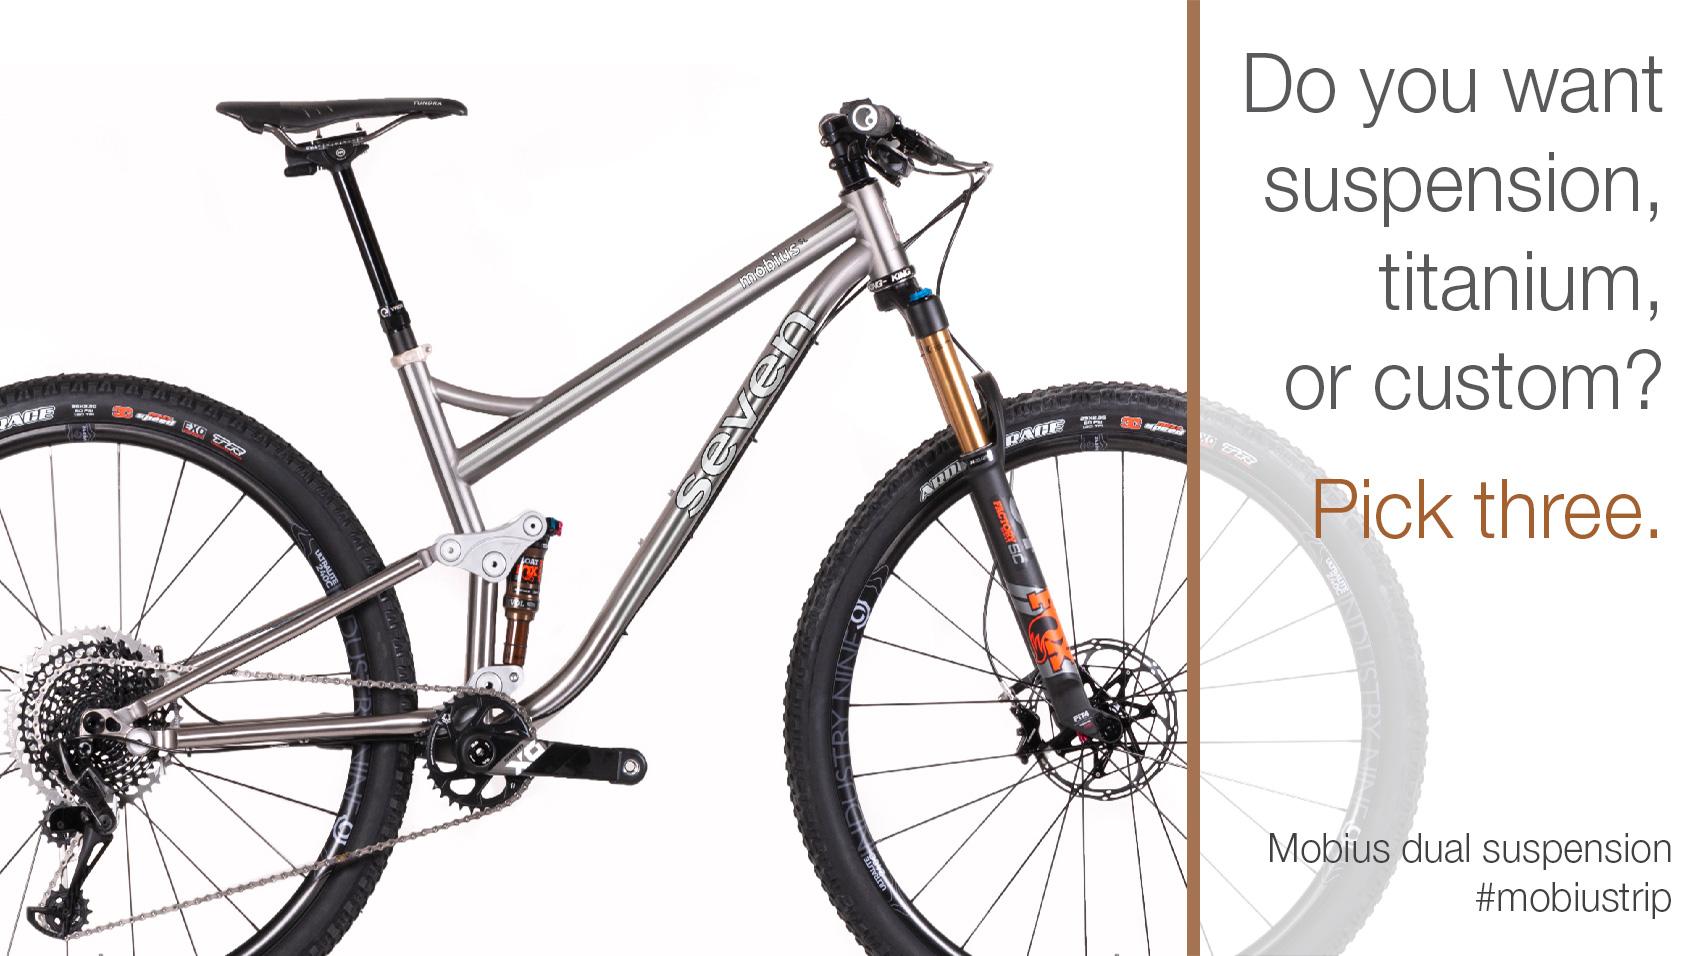 Do you want suspension, custom, or titanium? Pick three - Mobius SL